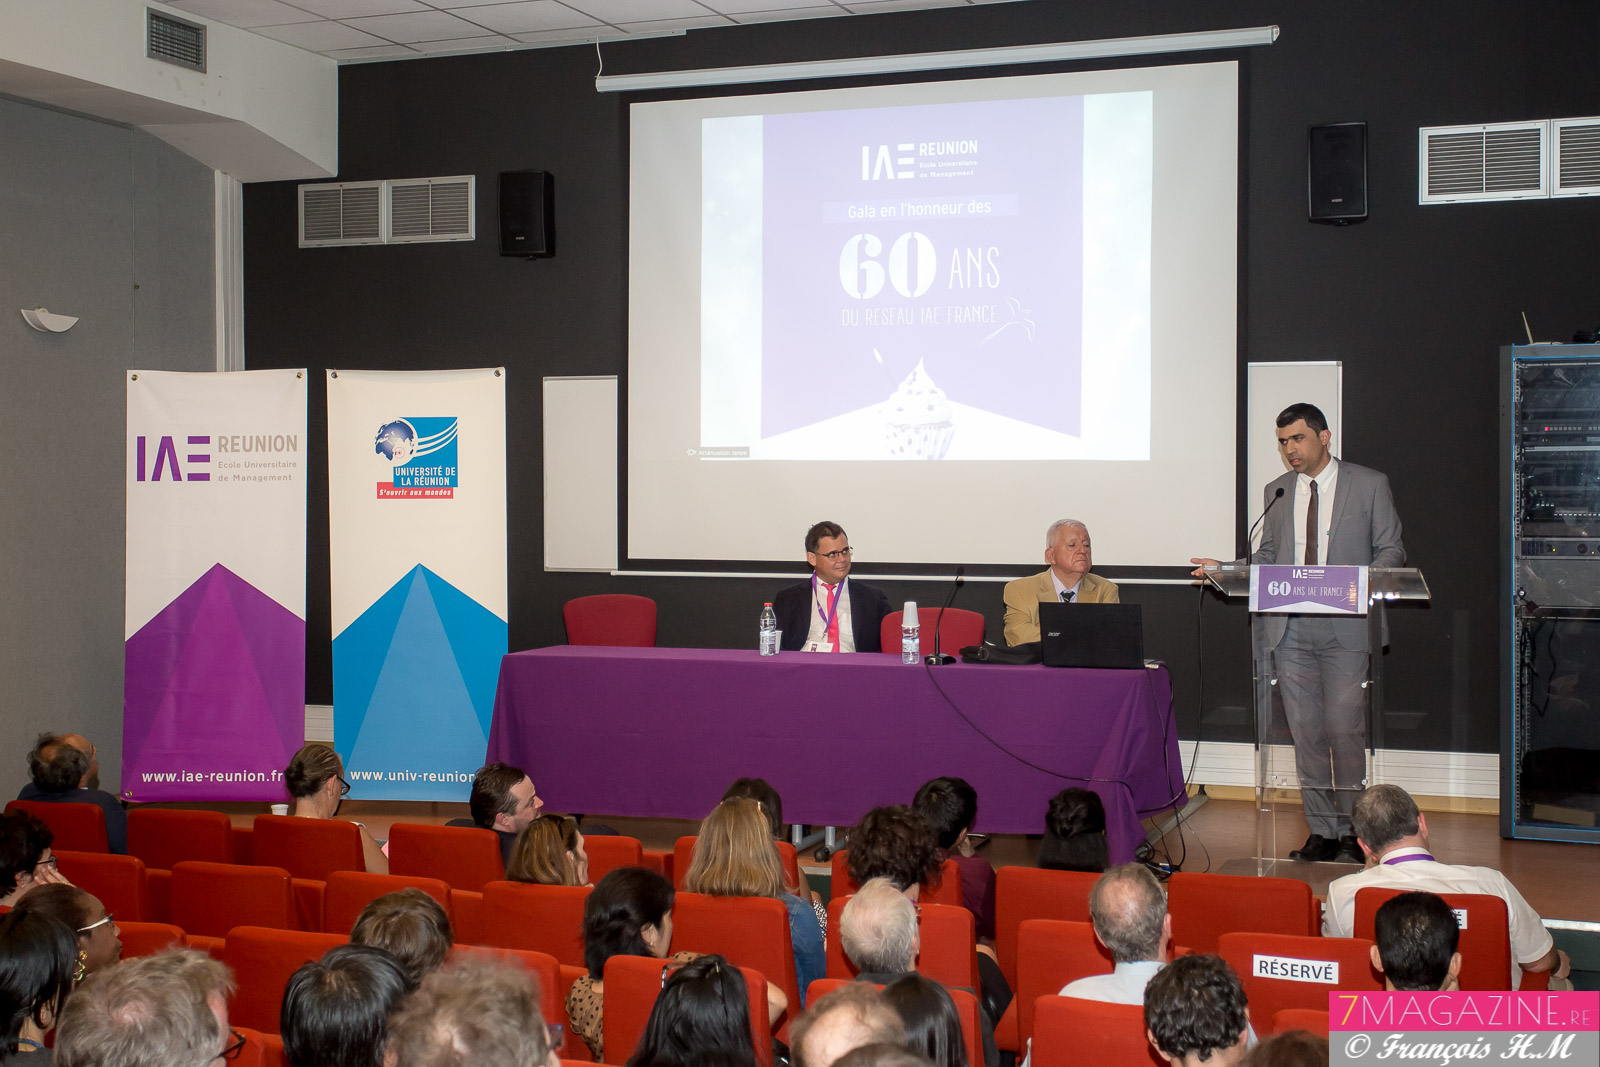 Lors des discours officiels, Frédéric Miranville, président de l'Université au micro